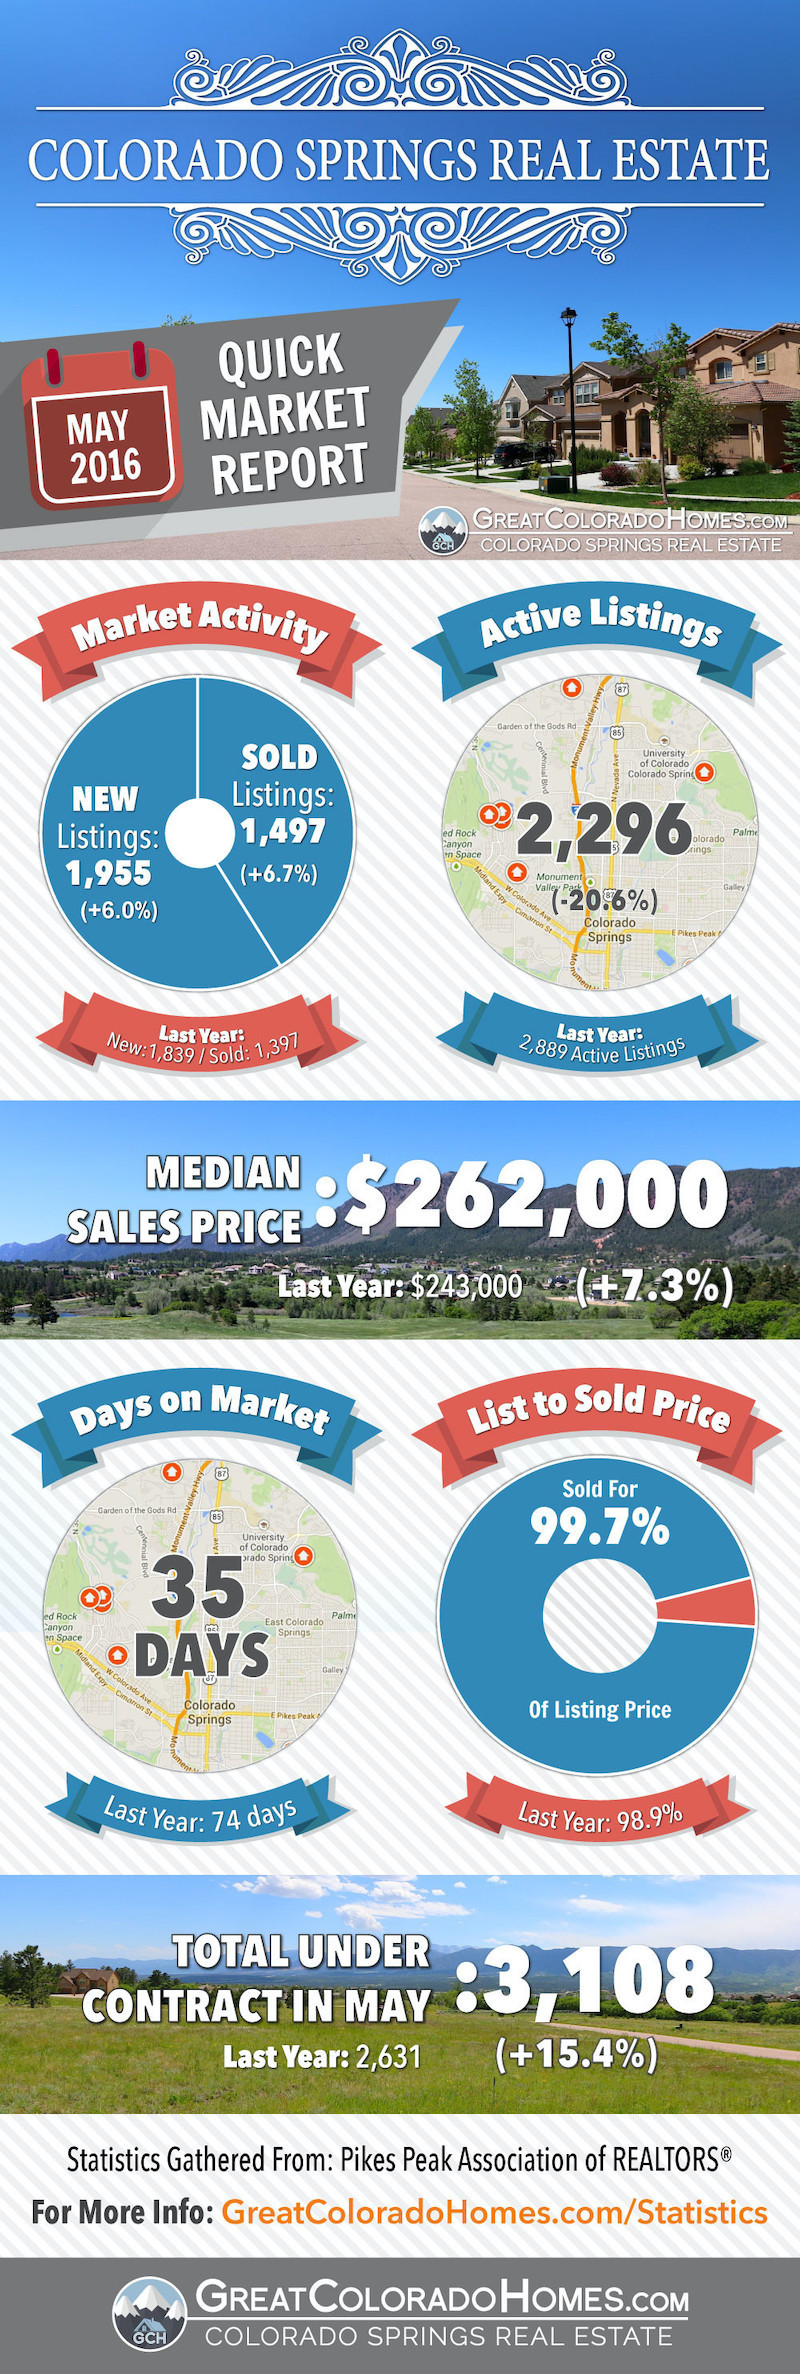 May 2016 Colorado Springs Real Estate Market Report